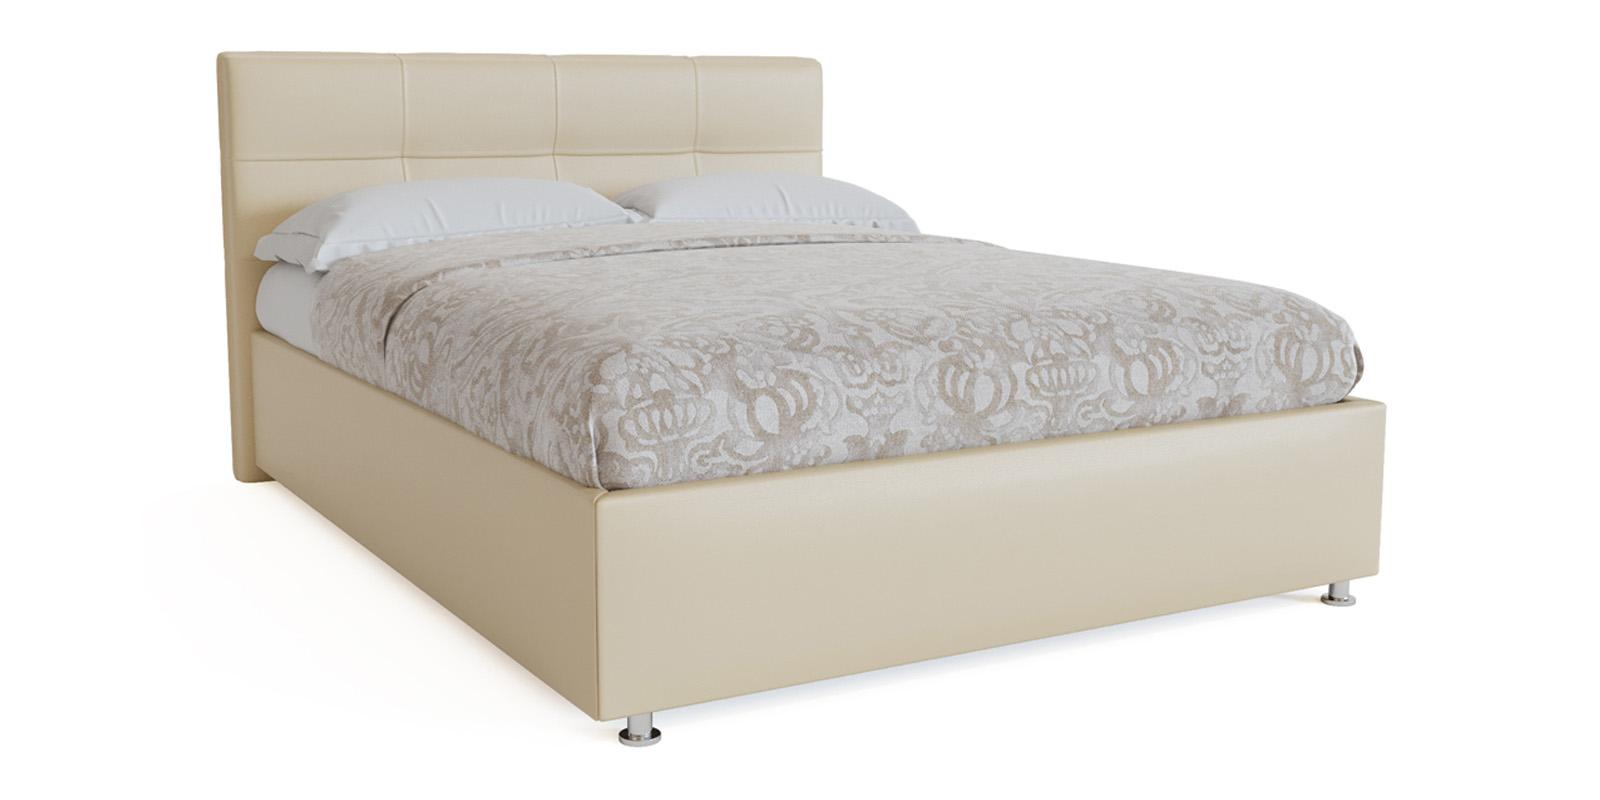 Мягкая кровать 200х180 Неаполь с подъемным механизмом (Крем-брюле)